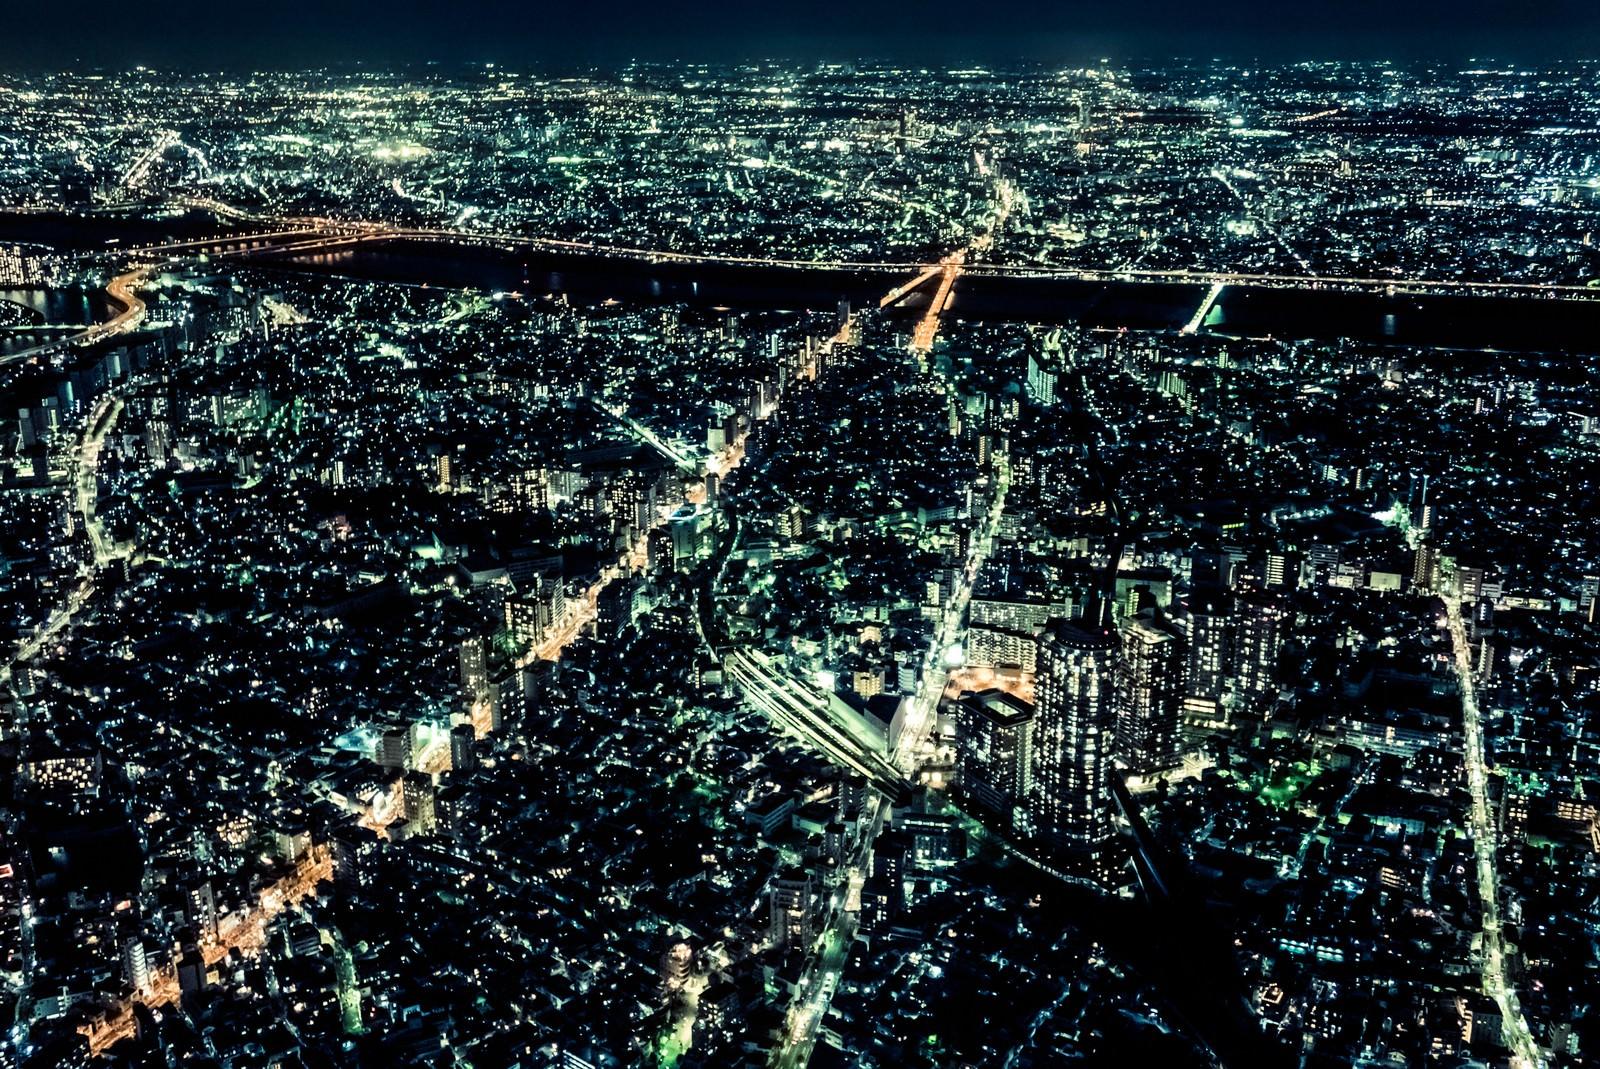 「都会と夜景 | 写真の無料素材・フリー素材 - ぱくたそ」の写真